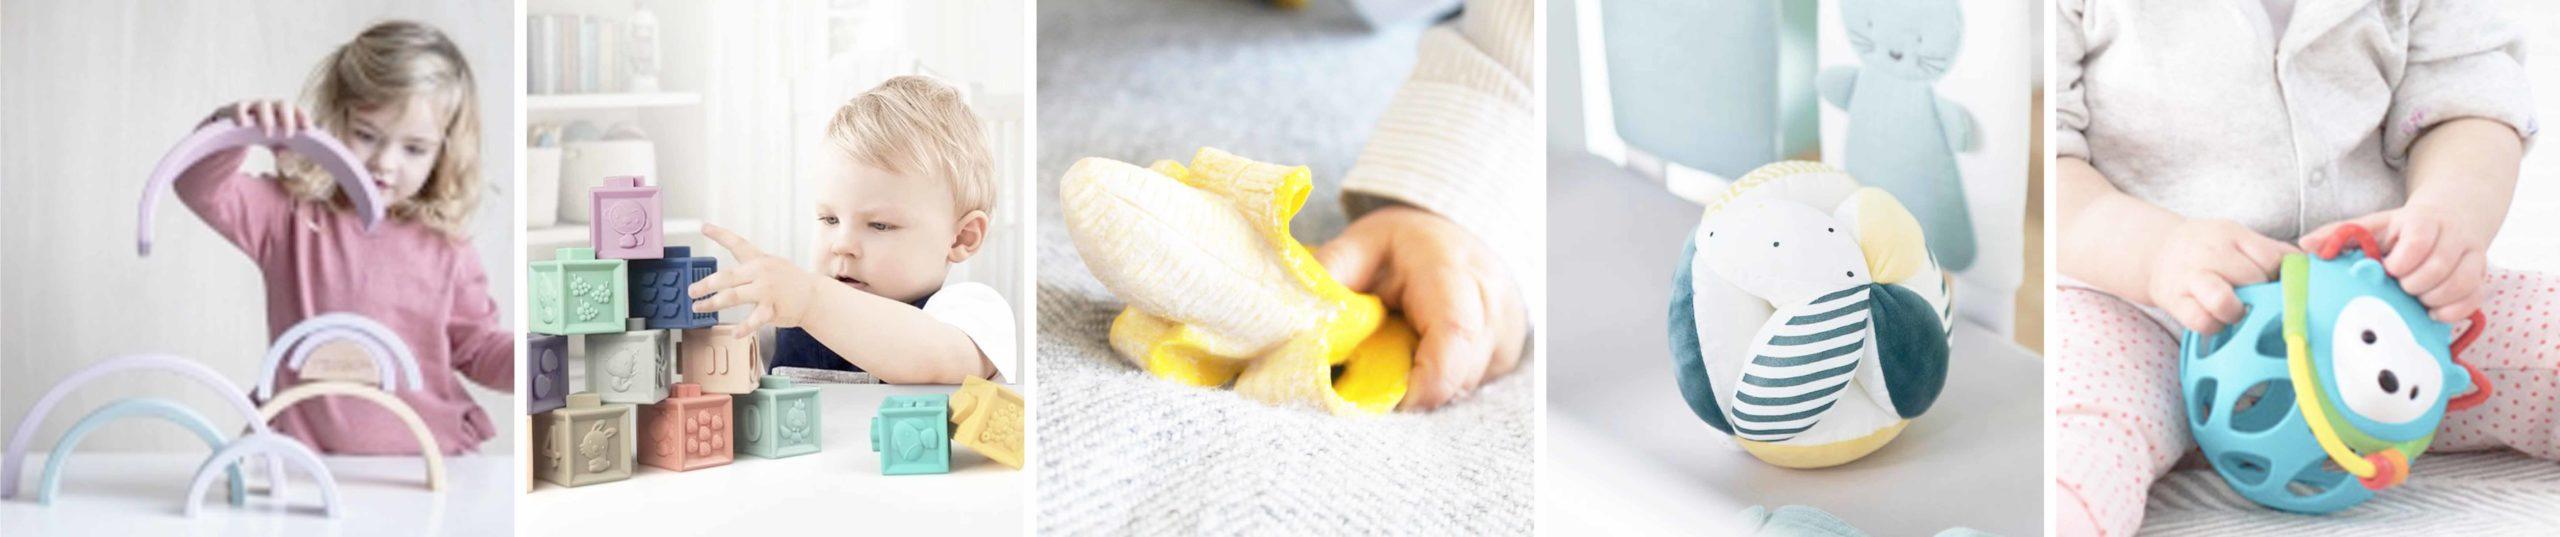 idées cadeaux enfant petit budget moins de 30 euros